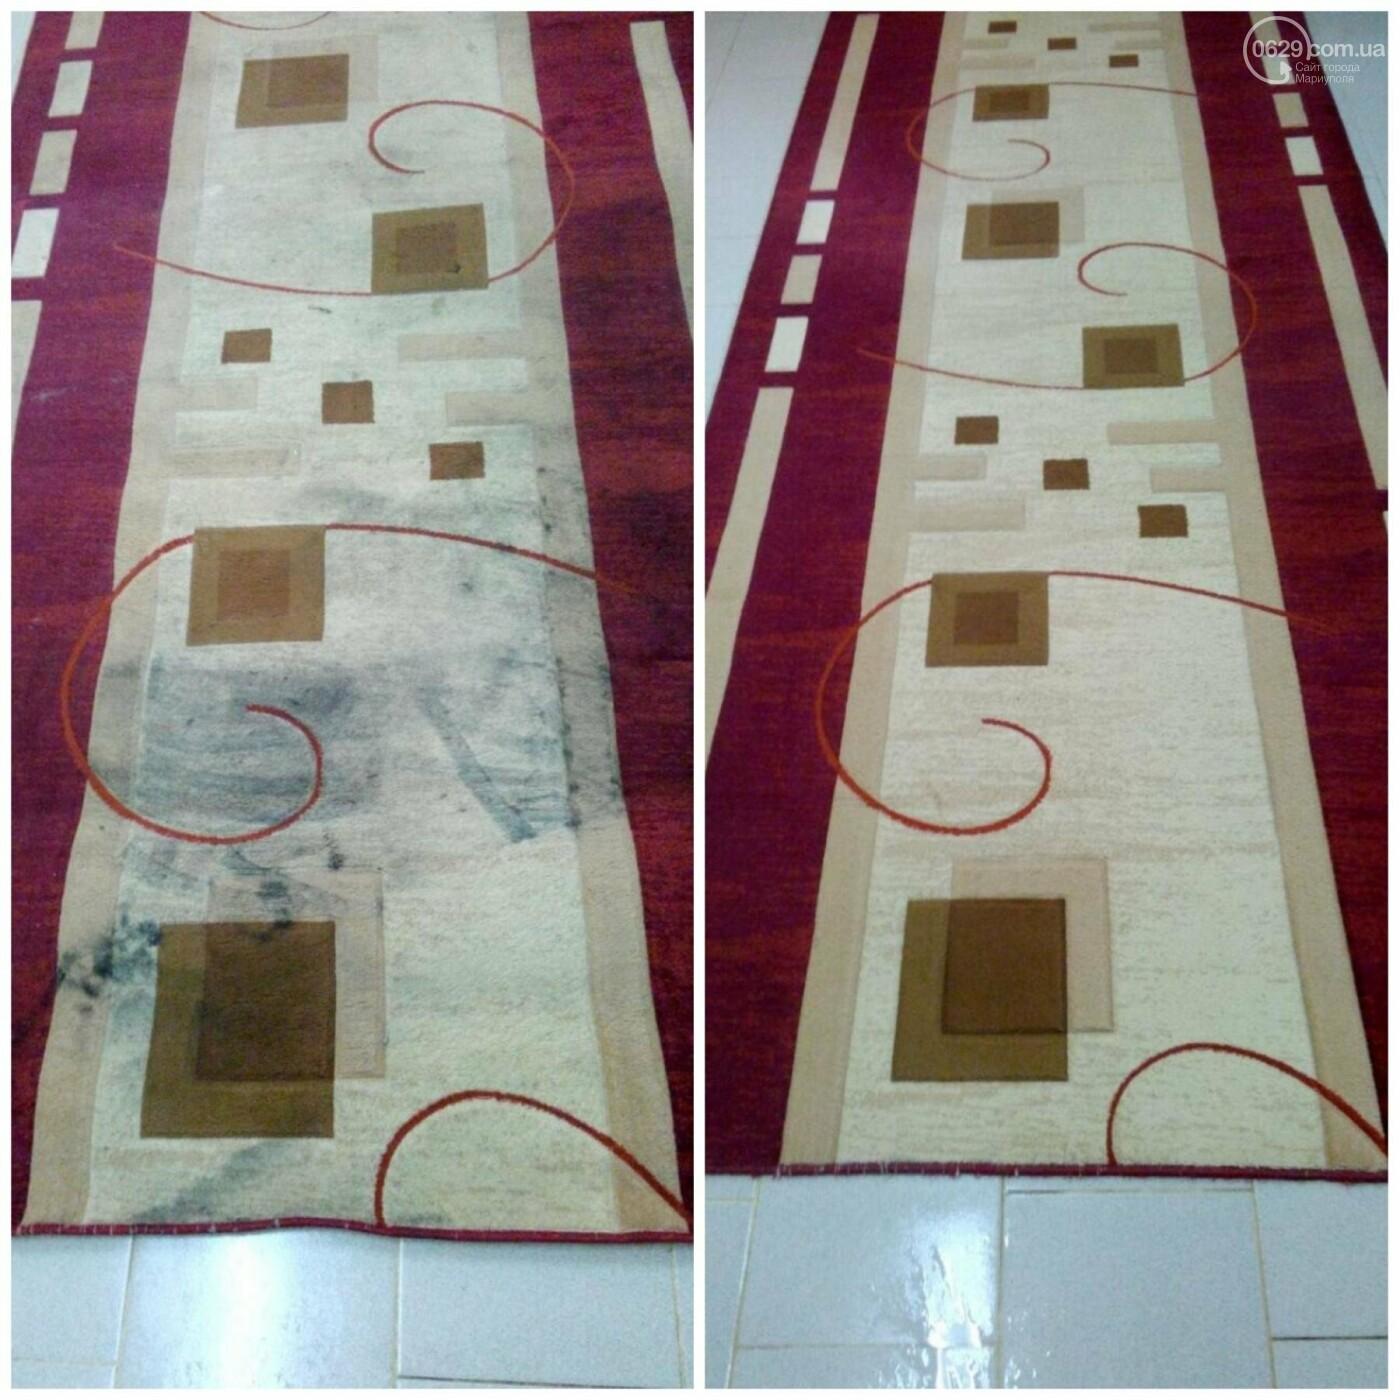 Стирка ковров в Мариуполе, химчистка мягкой мебели от компании «CLEAN MASTER» на дому, а также с вывозом и доставкой. Химчистка недорого, фото-2